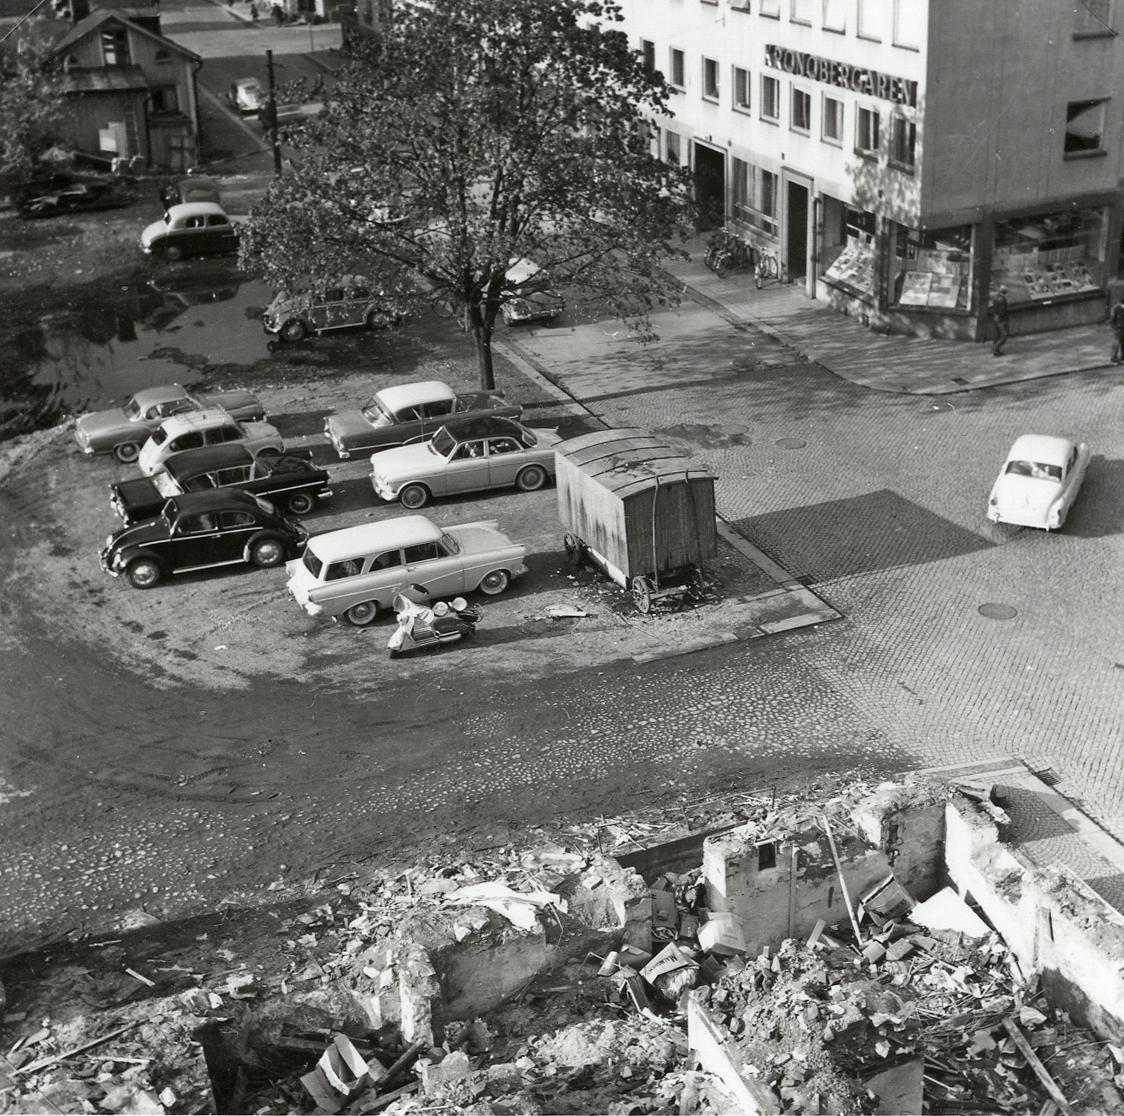 """""""Båtsmansbacken"""". Kvarteret Lugnet efter nästan total rivning, 1961, I förgrunden kv. Håkan Sjögren med nästan färdig rivning.  I bakgrunden syns bl a kv. Lugnet nr 1 b (som revs senare) och hörnhuset i kv. Stormen."""